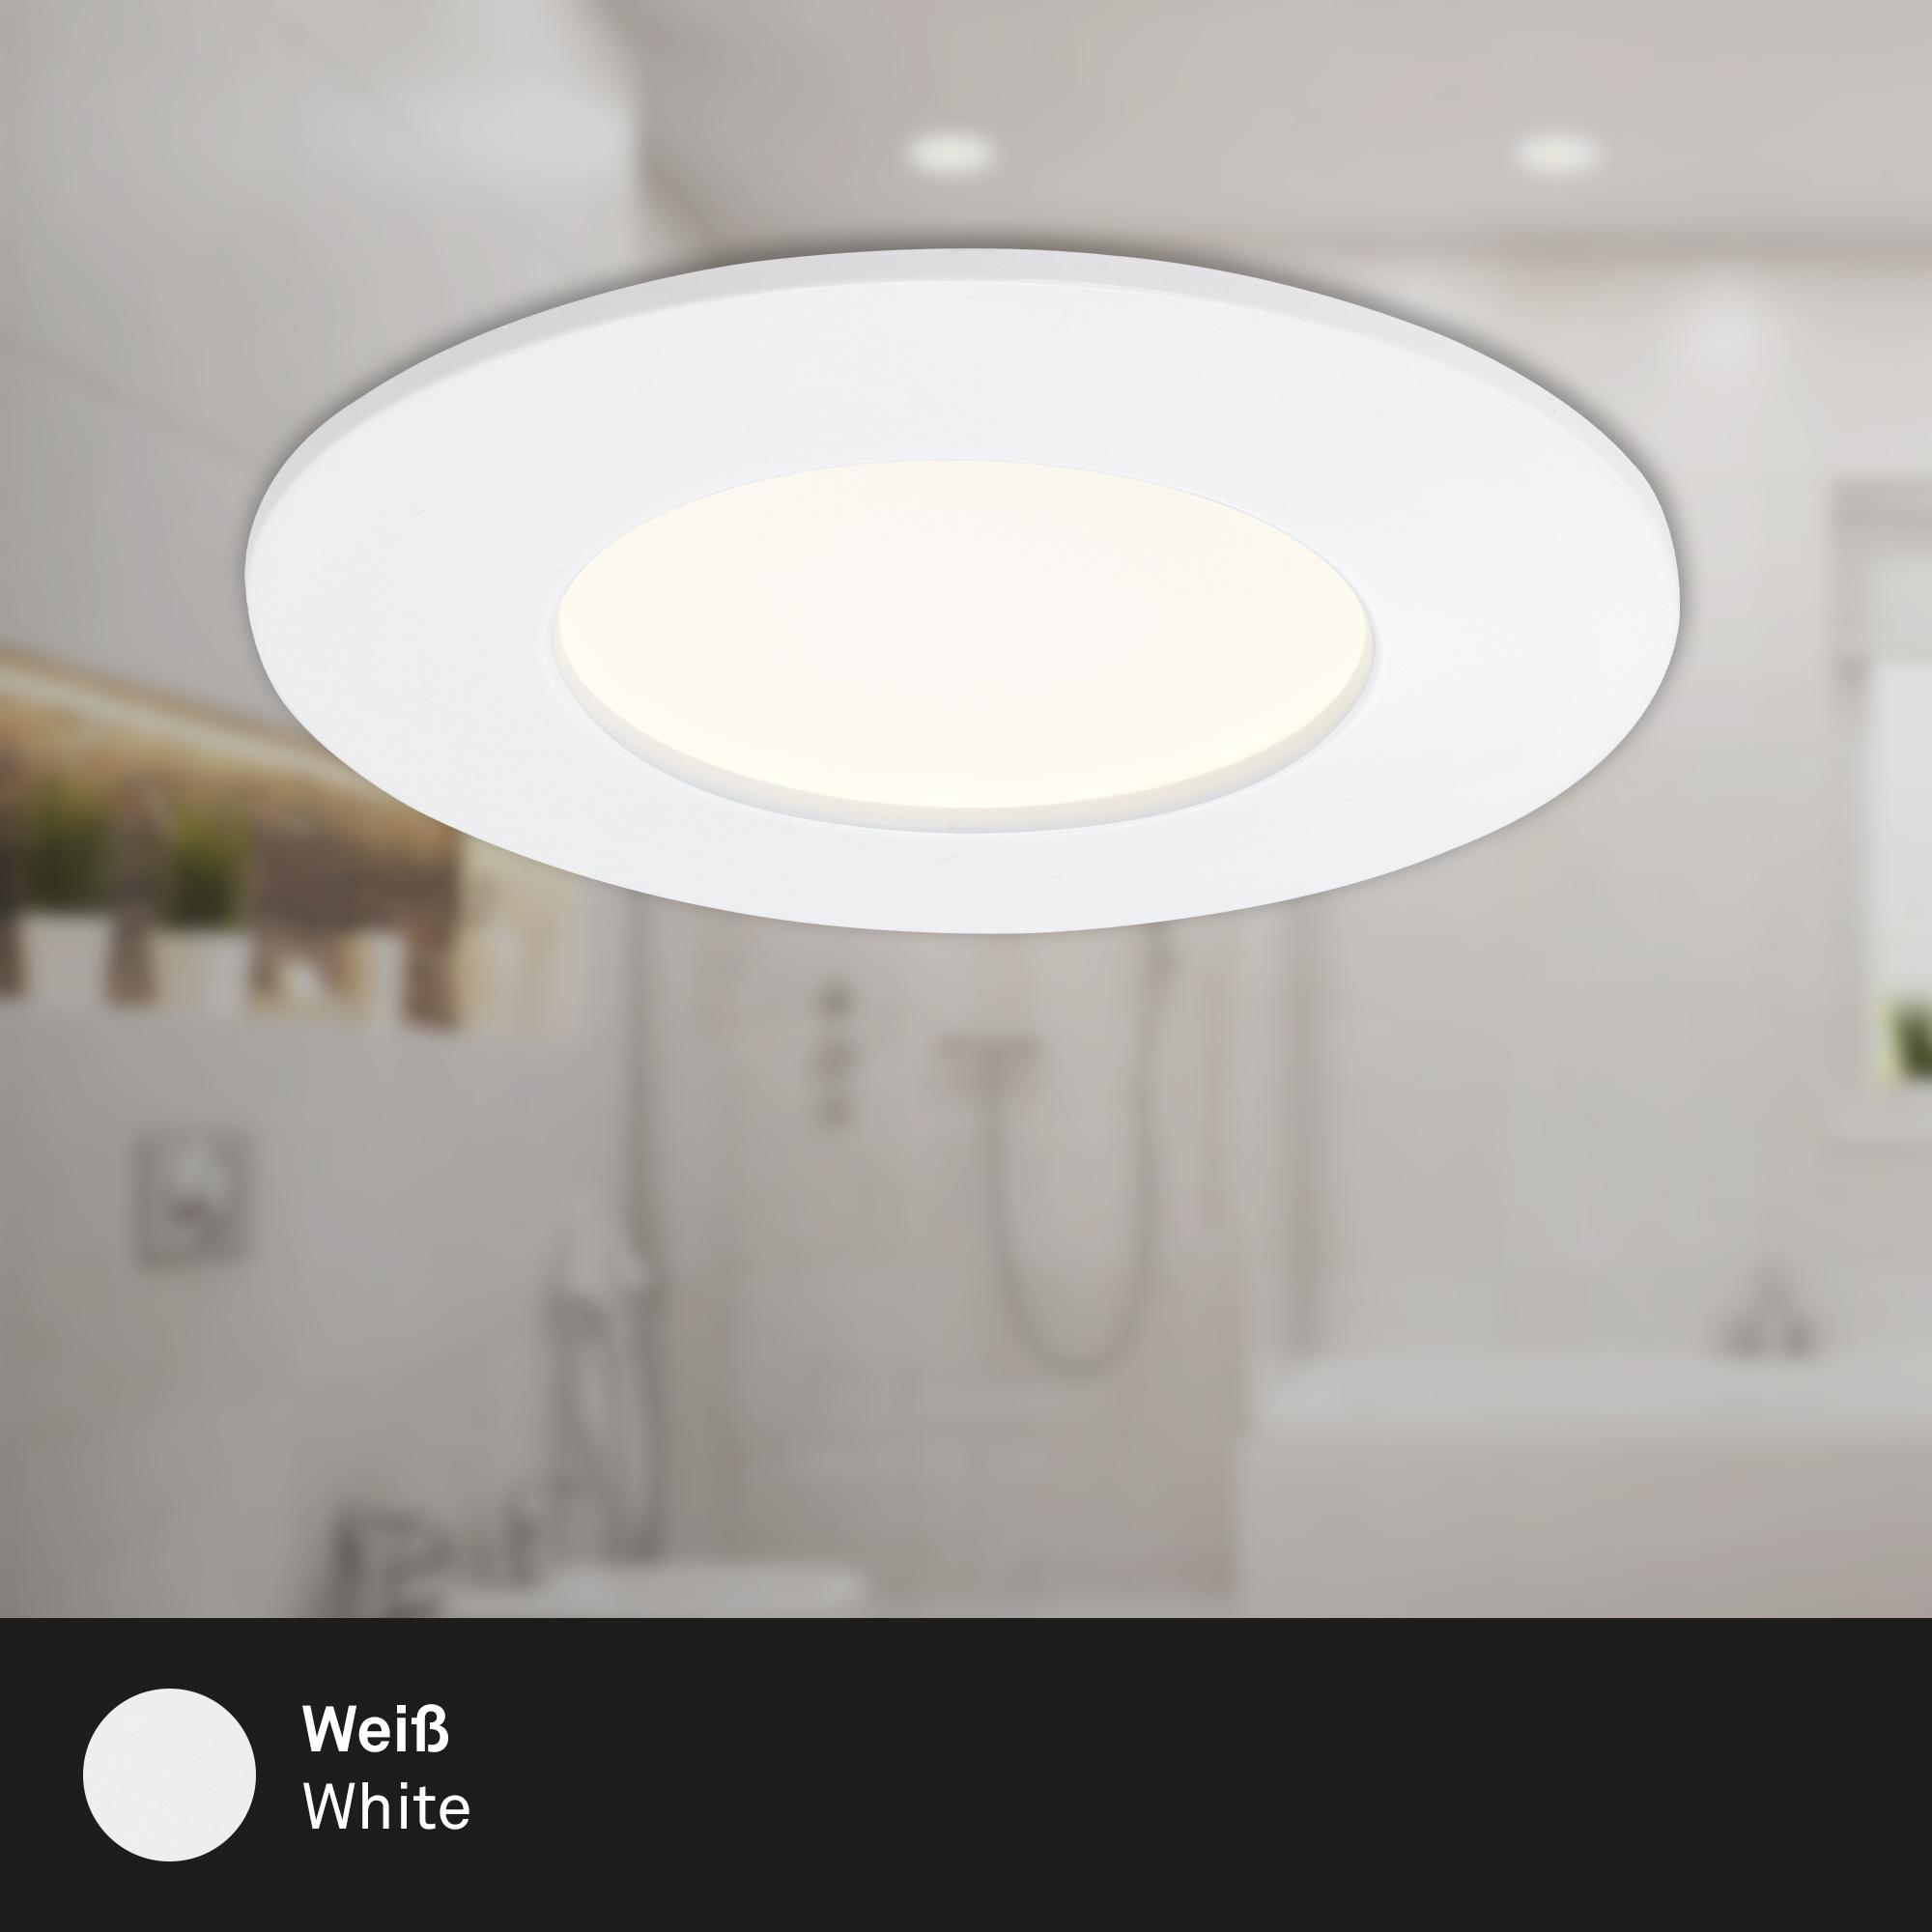 3er Set LED Einbauleuchte, Ø 8,5 cm, 4,8W, Weiß